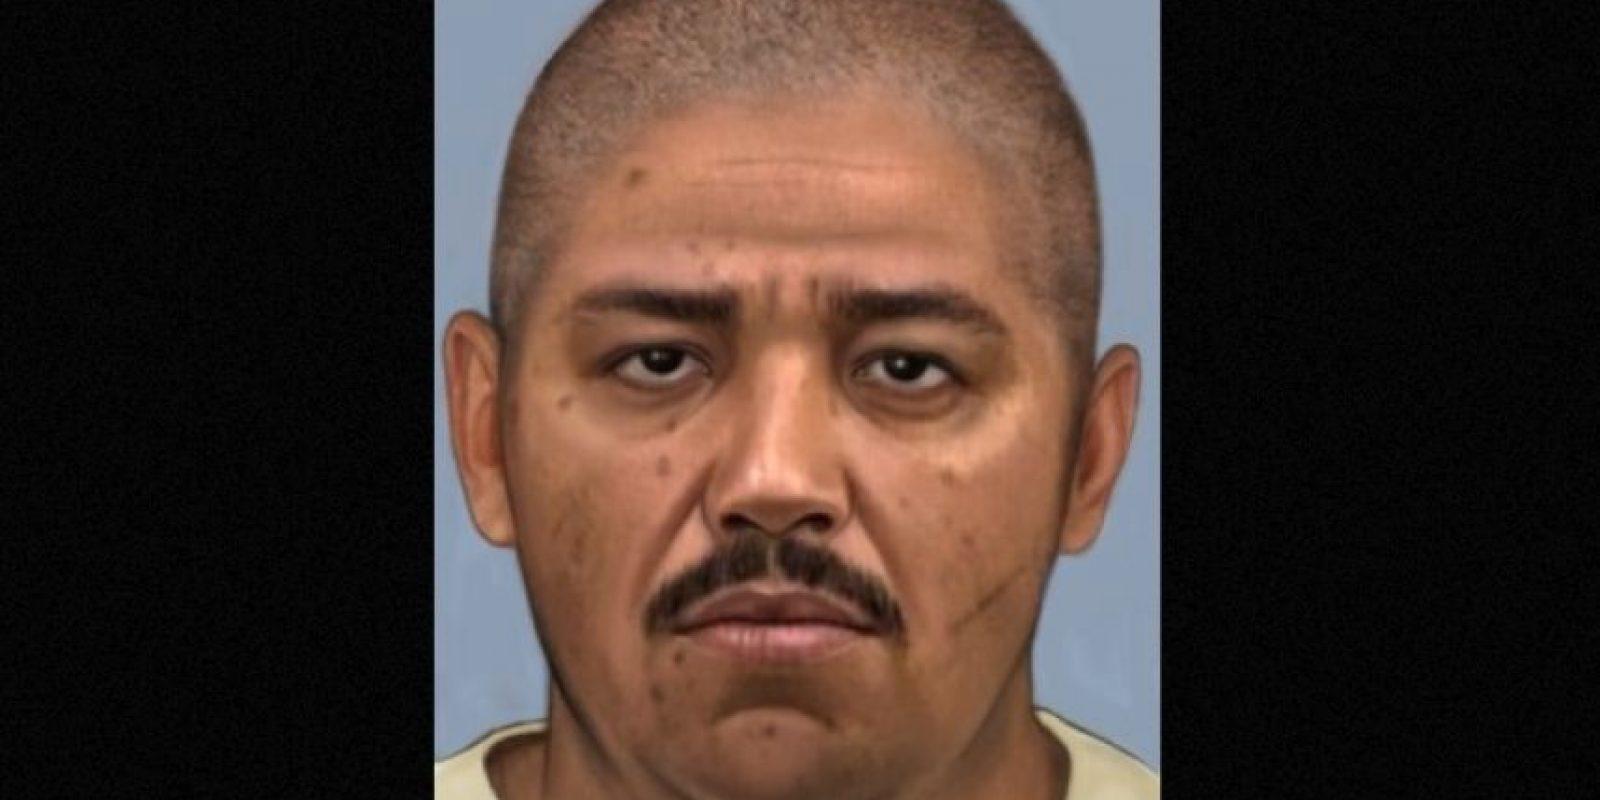 """8. Eduardo Ravelo. Es conocido como """"El Capitán"""", se le busca por lavado de dinero y narcotráfico. Se ofrecen 100 mil dólares por información que lleve a su captura Foto:FBI.gov"""